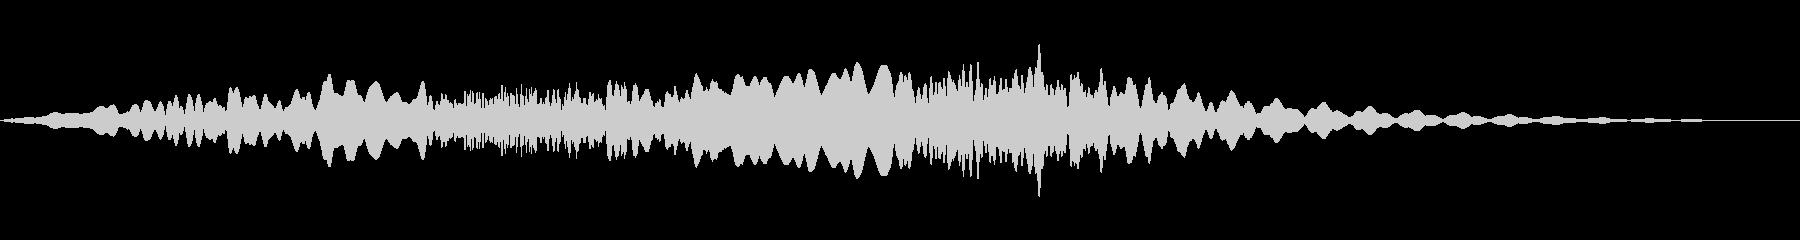 幽霊のようなハウリング音はリバーブ...の未再生の波形